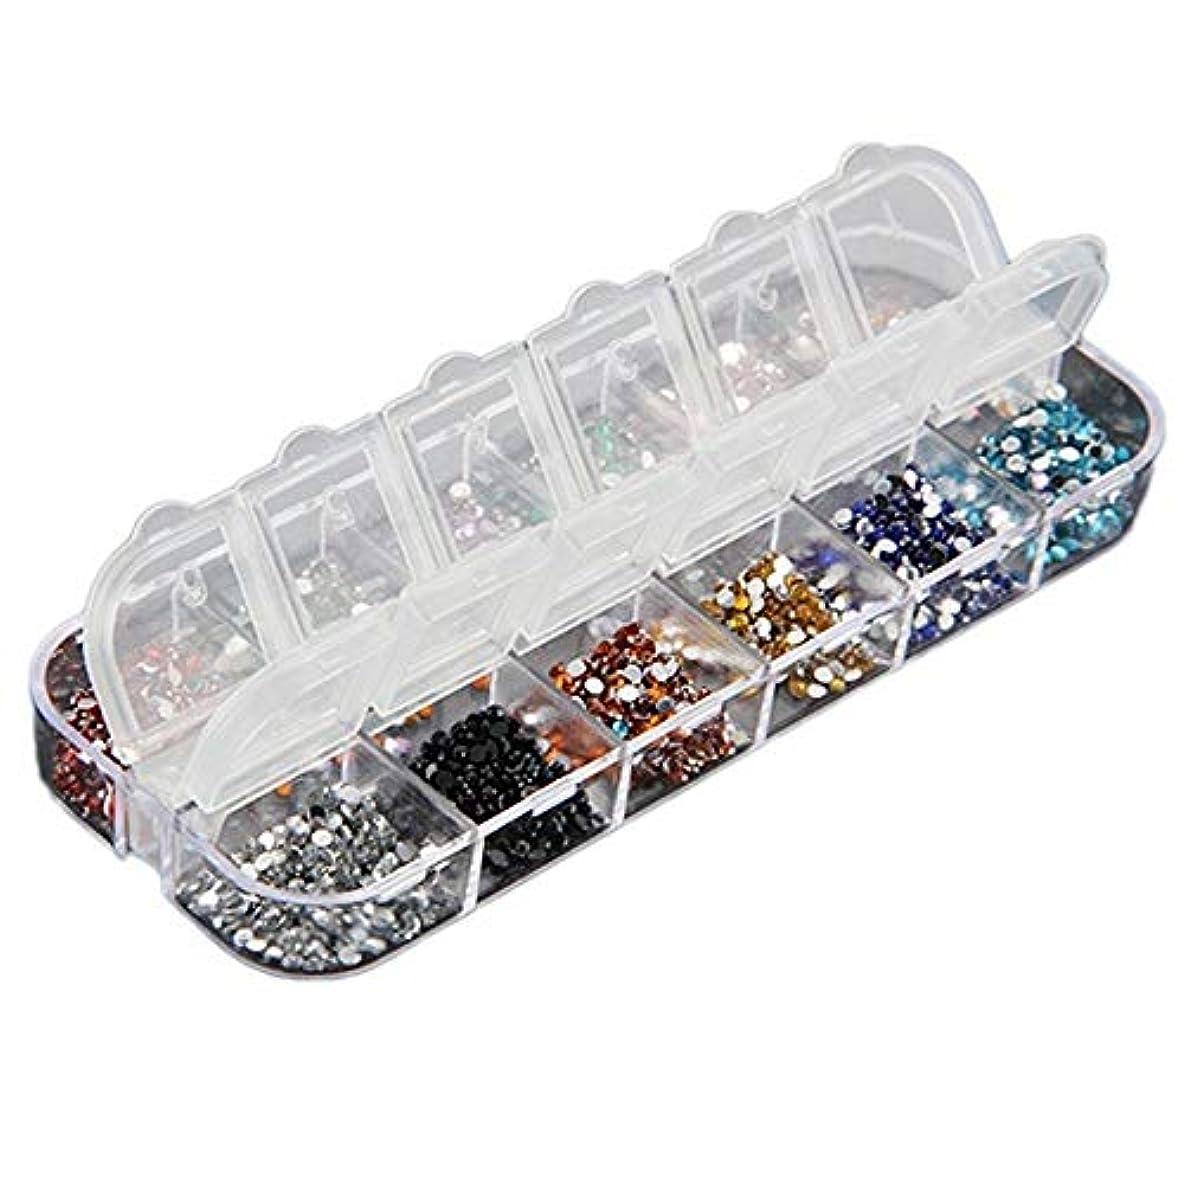 電池オートマトン蒸Orient Direct 3000ピース1.5ミリメートルラウンドラインストーン12色ハードケース3dカラフルグリッター砂利クリスタル宝石鋼ビーズネイルチャーム装飾多色